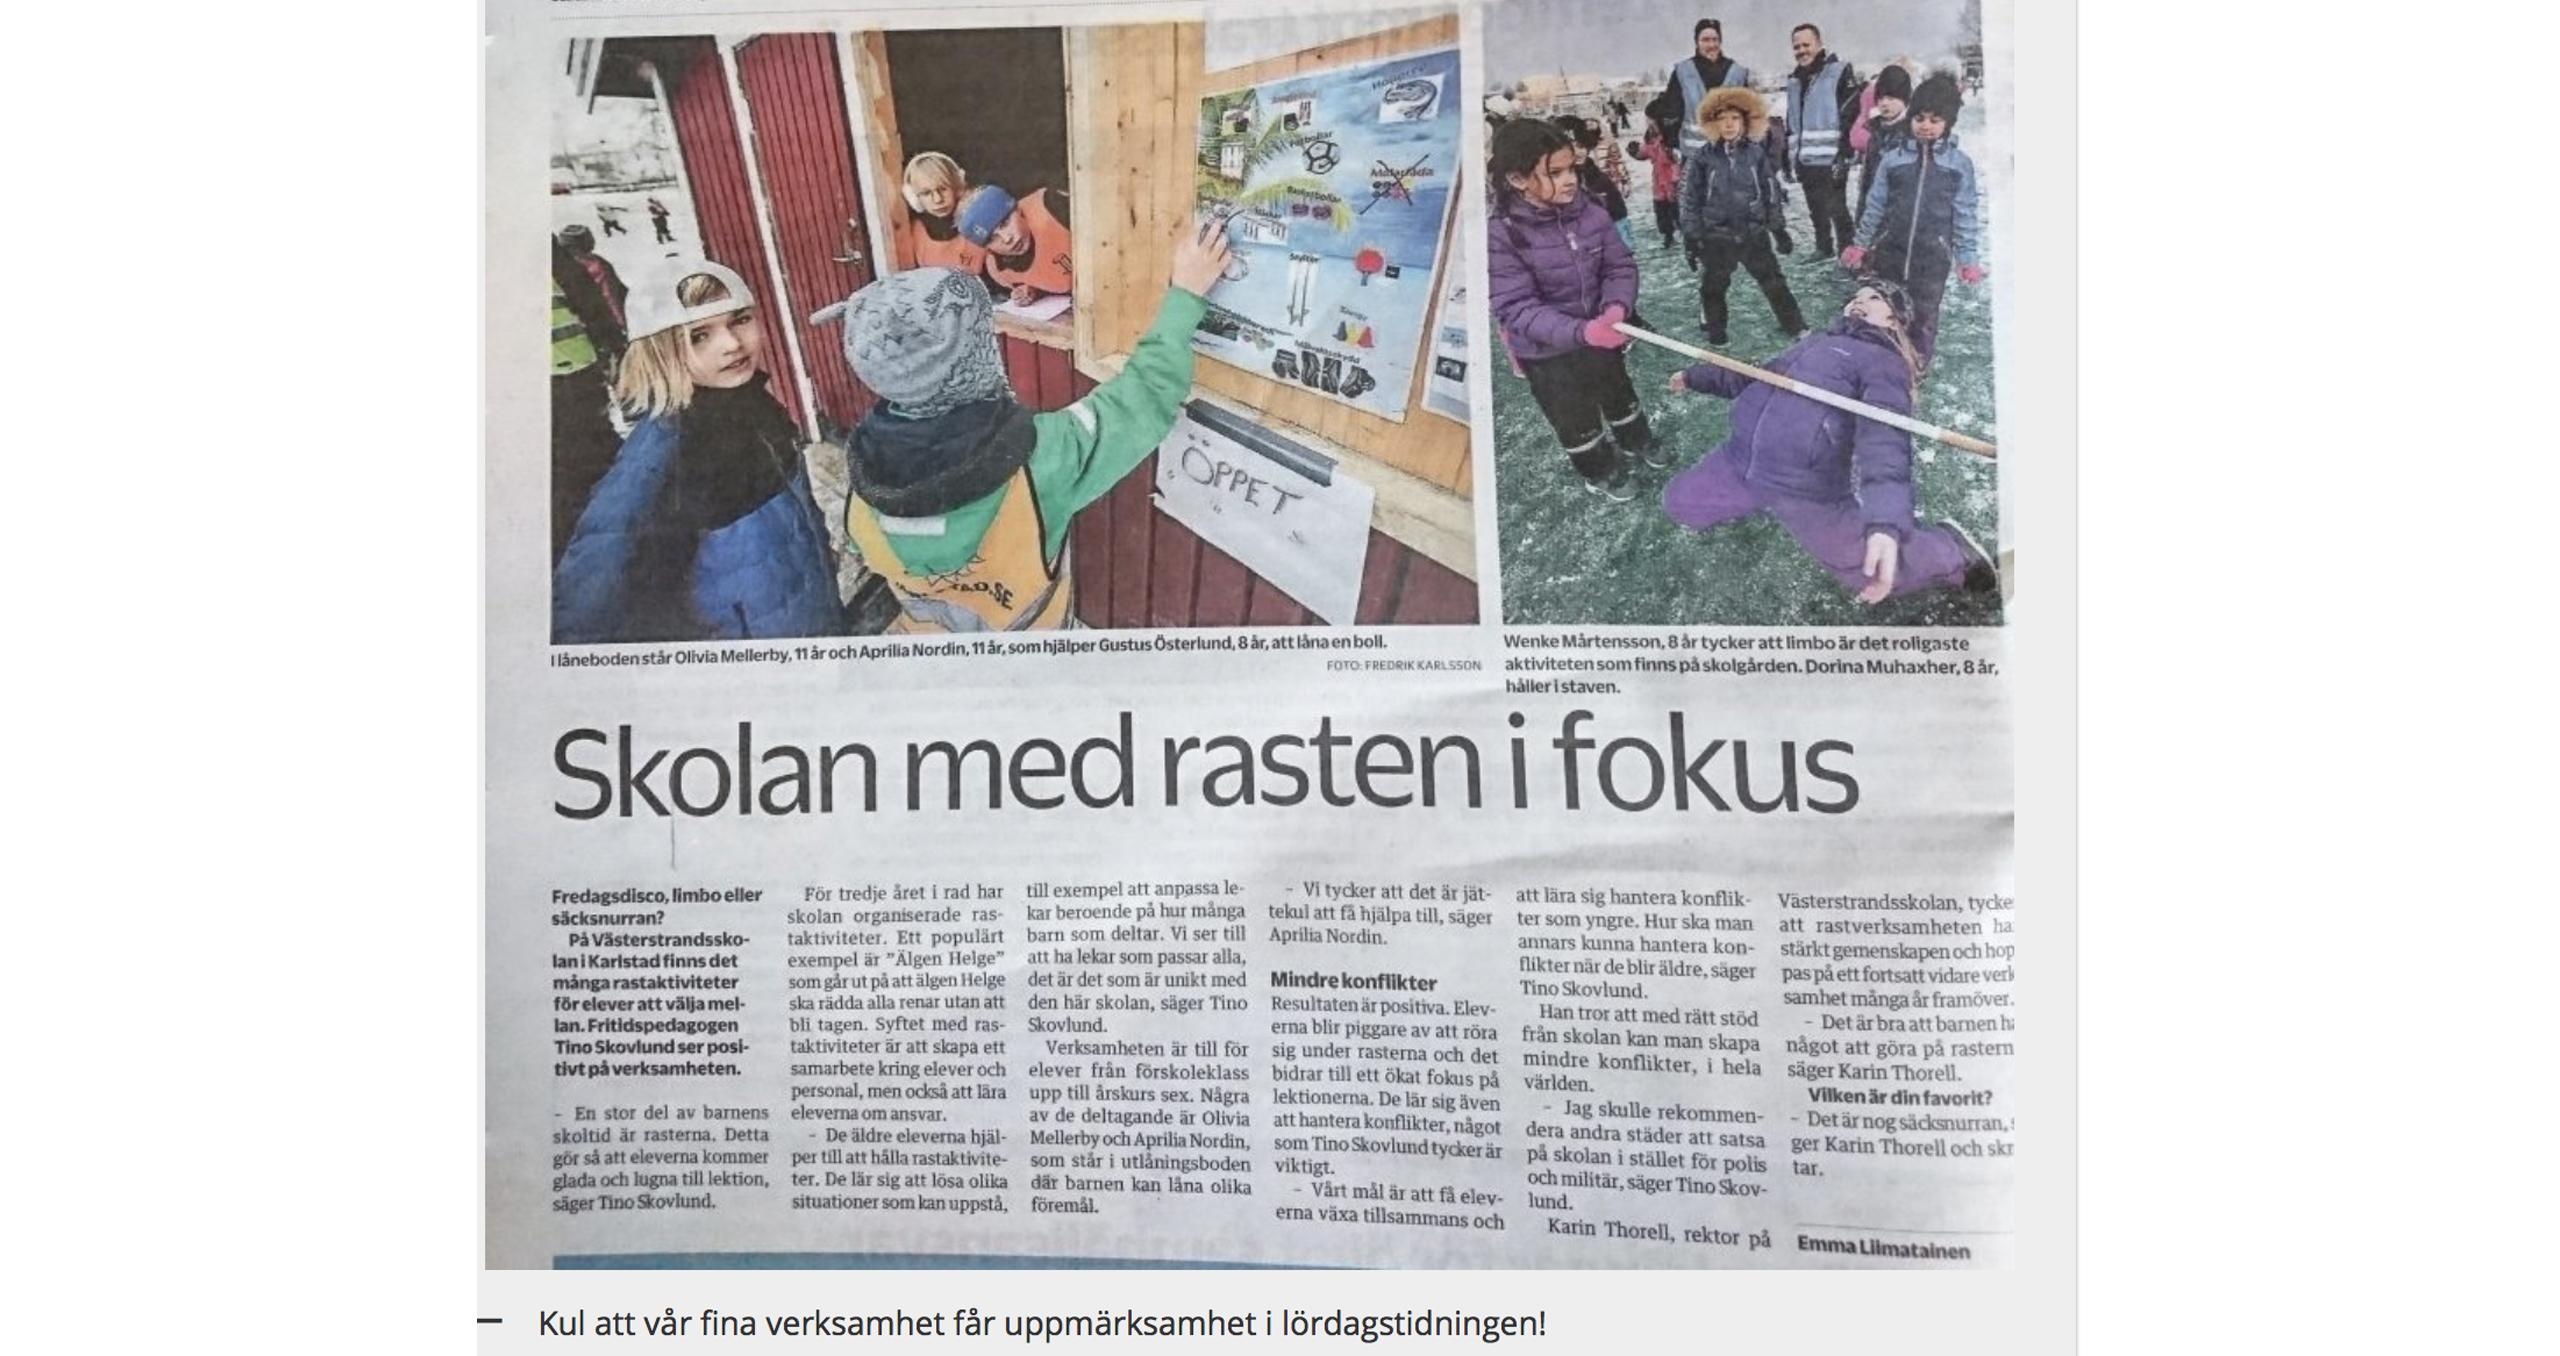 ActiveS Sveriges piggaste klassrum - Västerstrandsskolan Karlstad